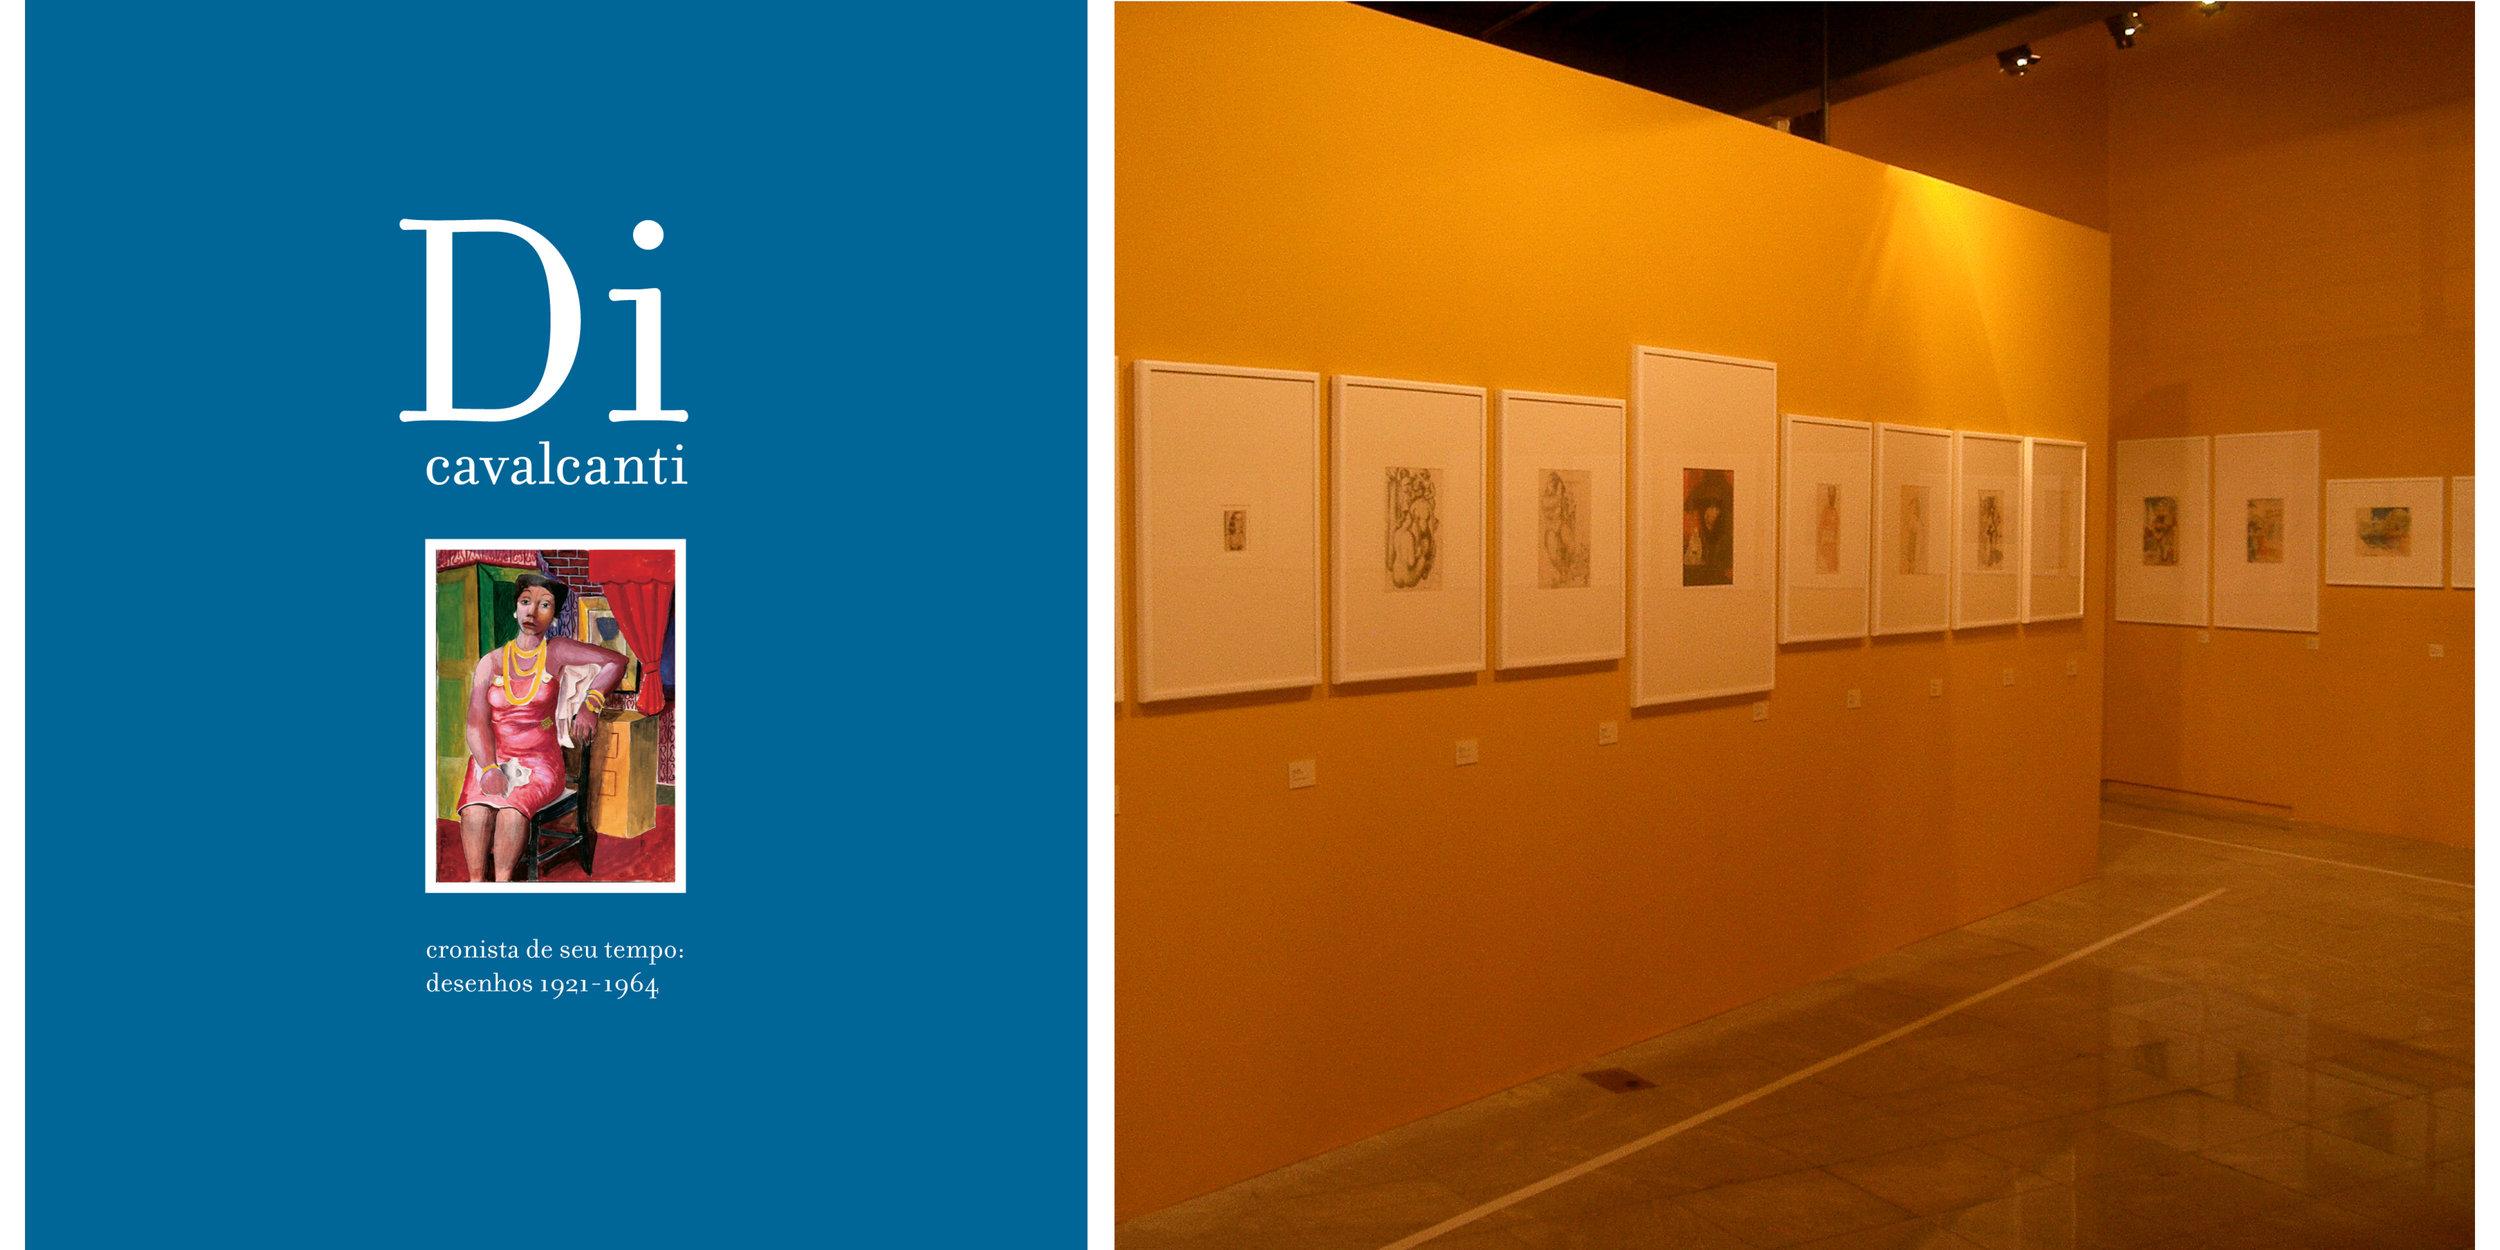 identidade visual de exposições + material de comunicação26.jpg